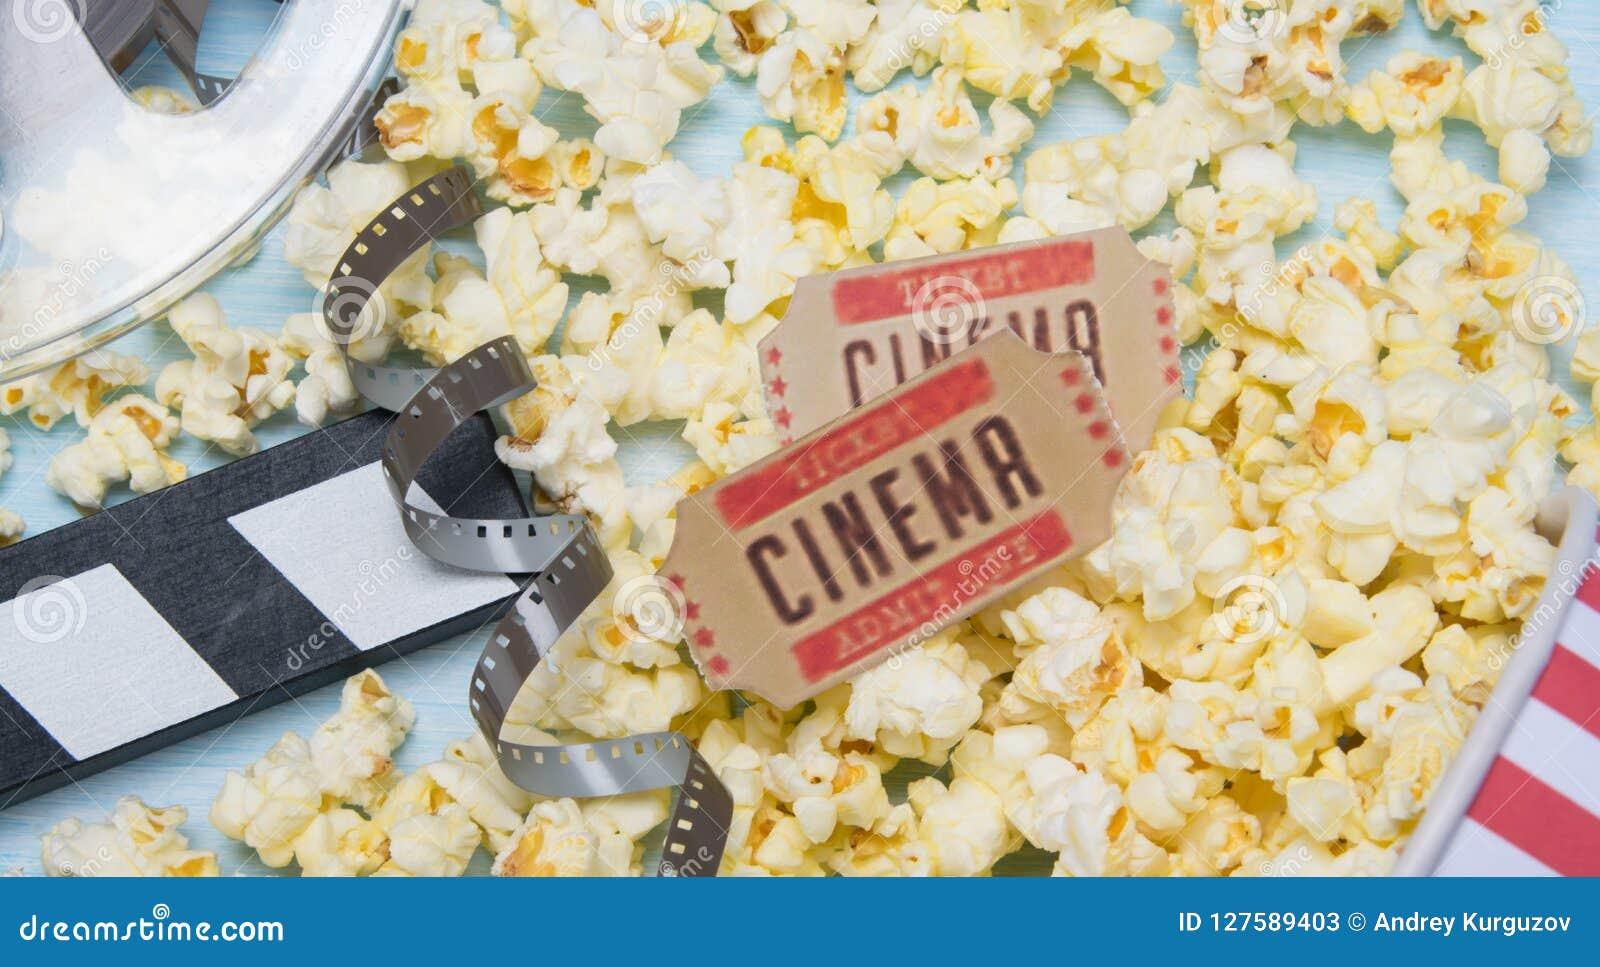 Zwei Karten zu den Filmen, vor dem hintergrund des Popcorns und eines Filmes